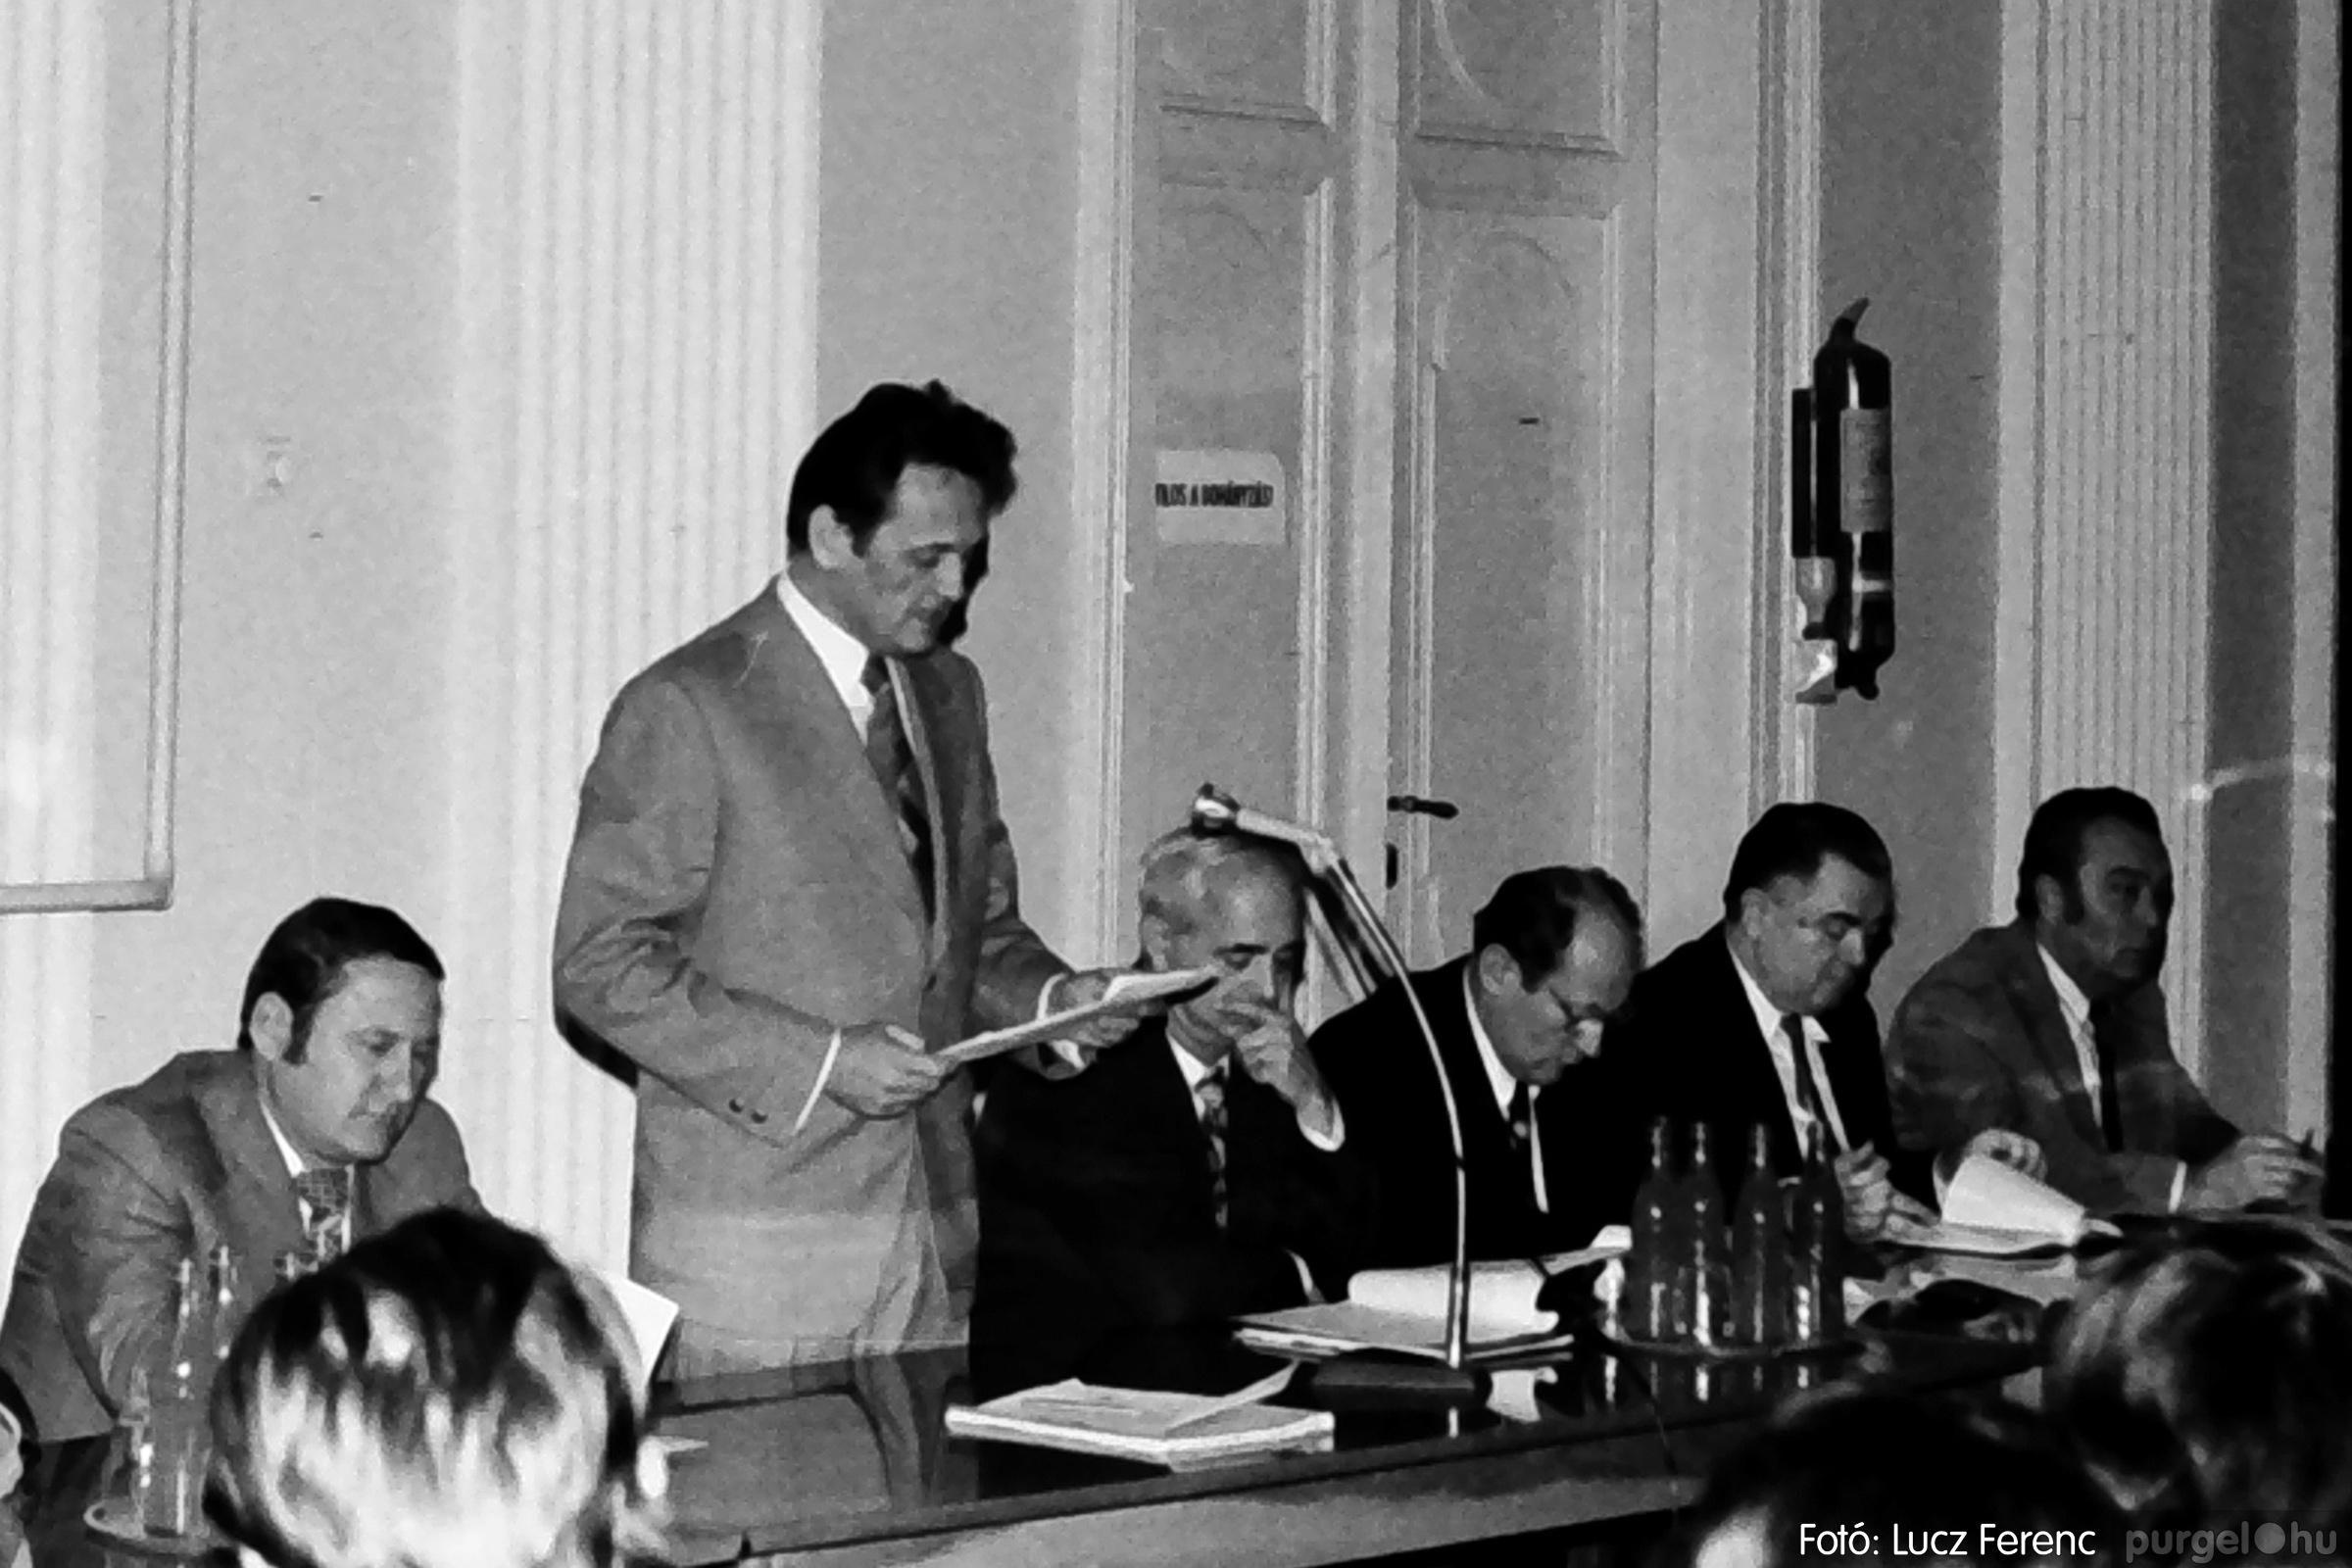 072. 1977. ÁFÉSZ küldöttgyűlés a szentesi megyeházban 004. - Fotó: Lucz Ferenc.jpg